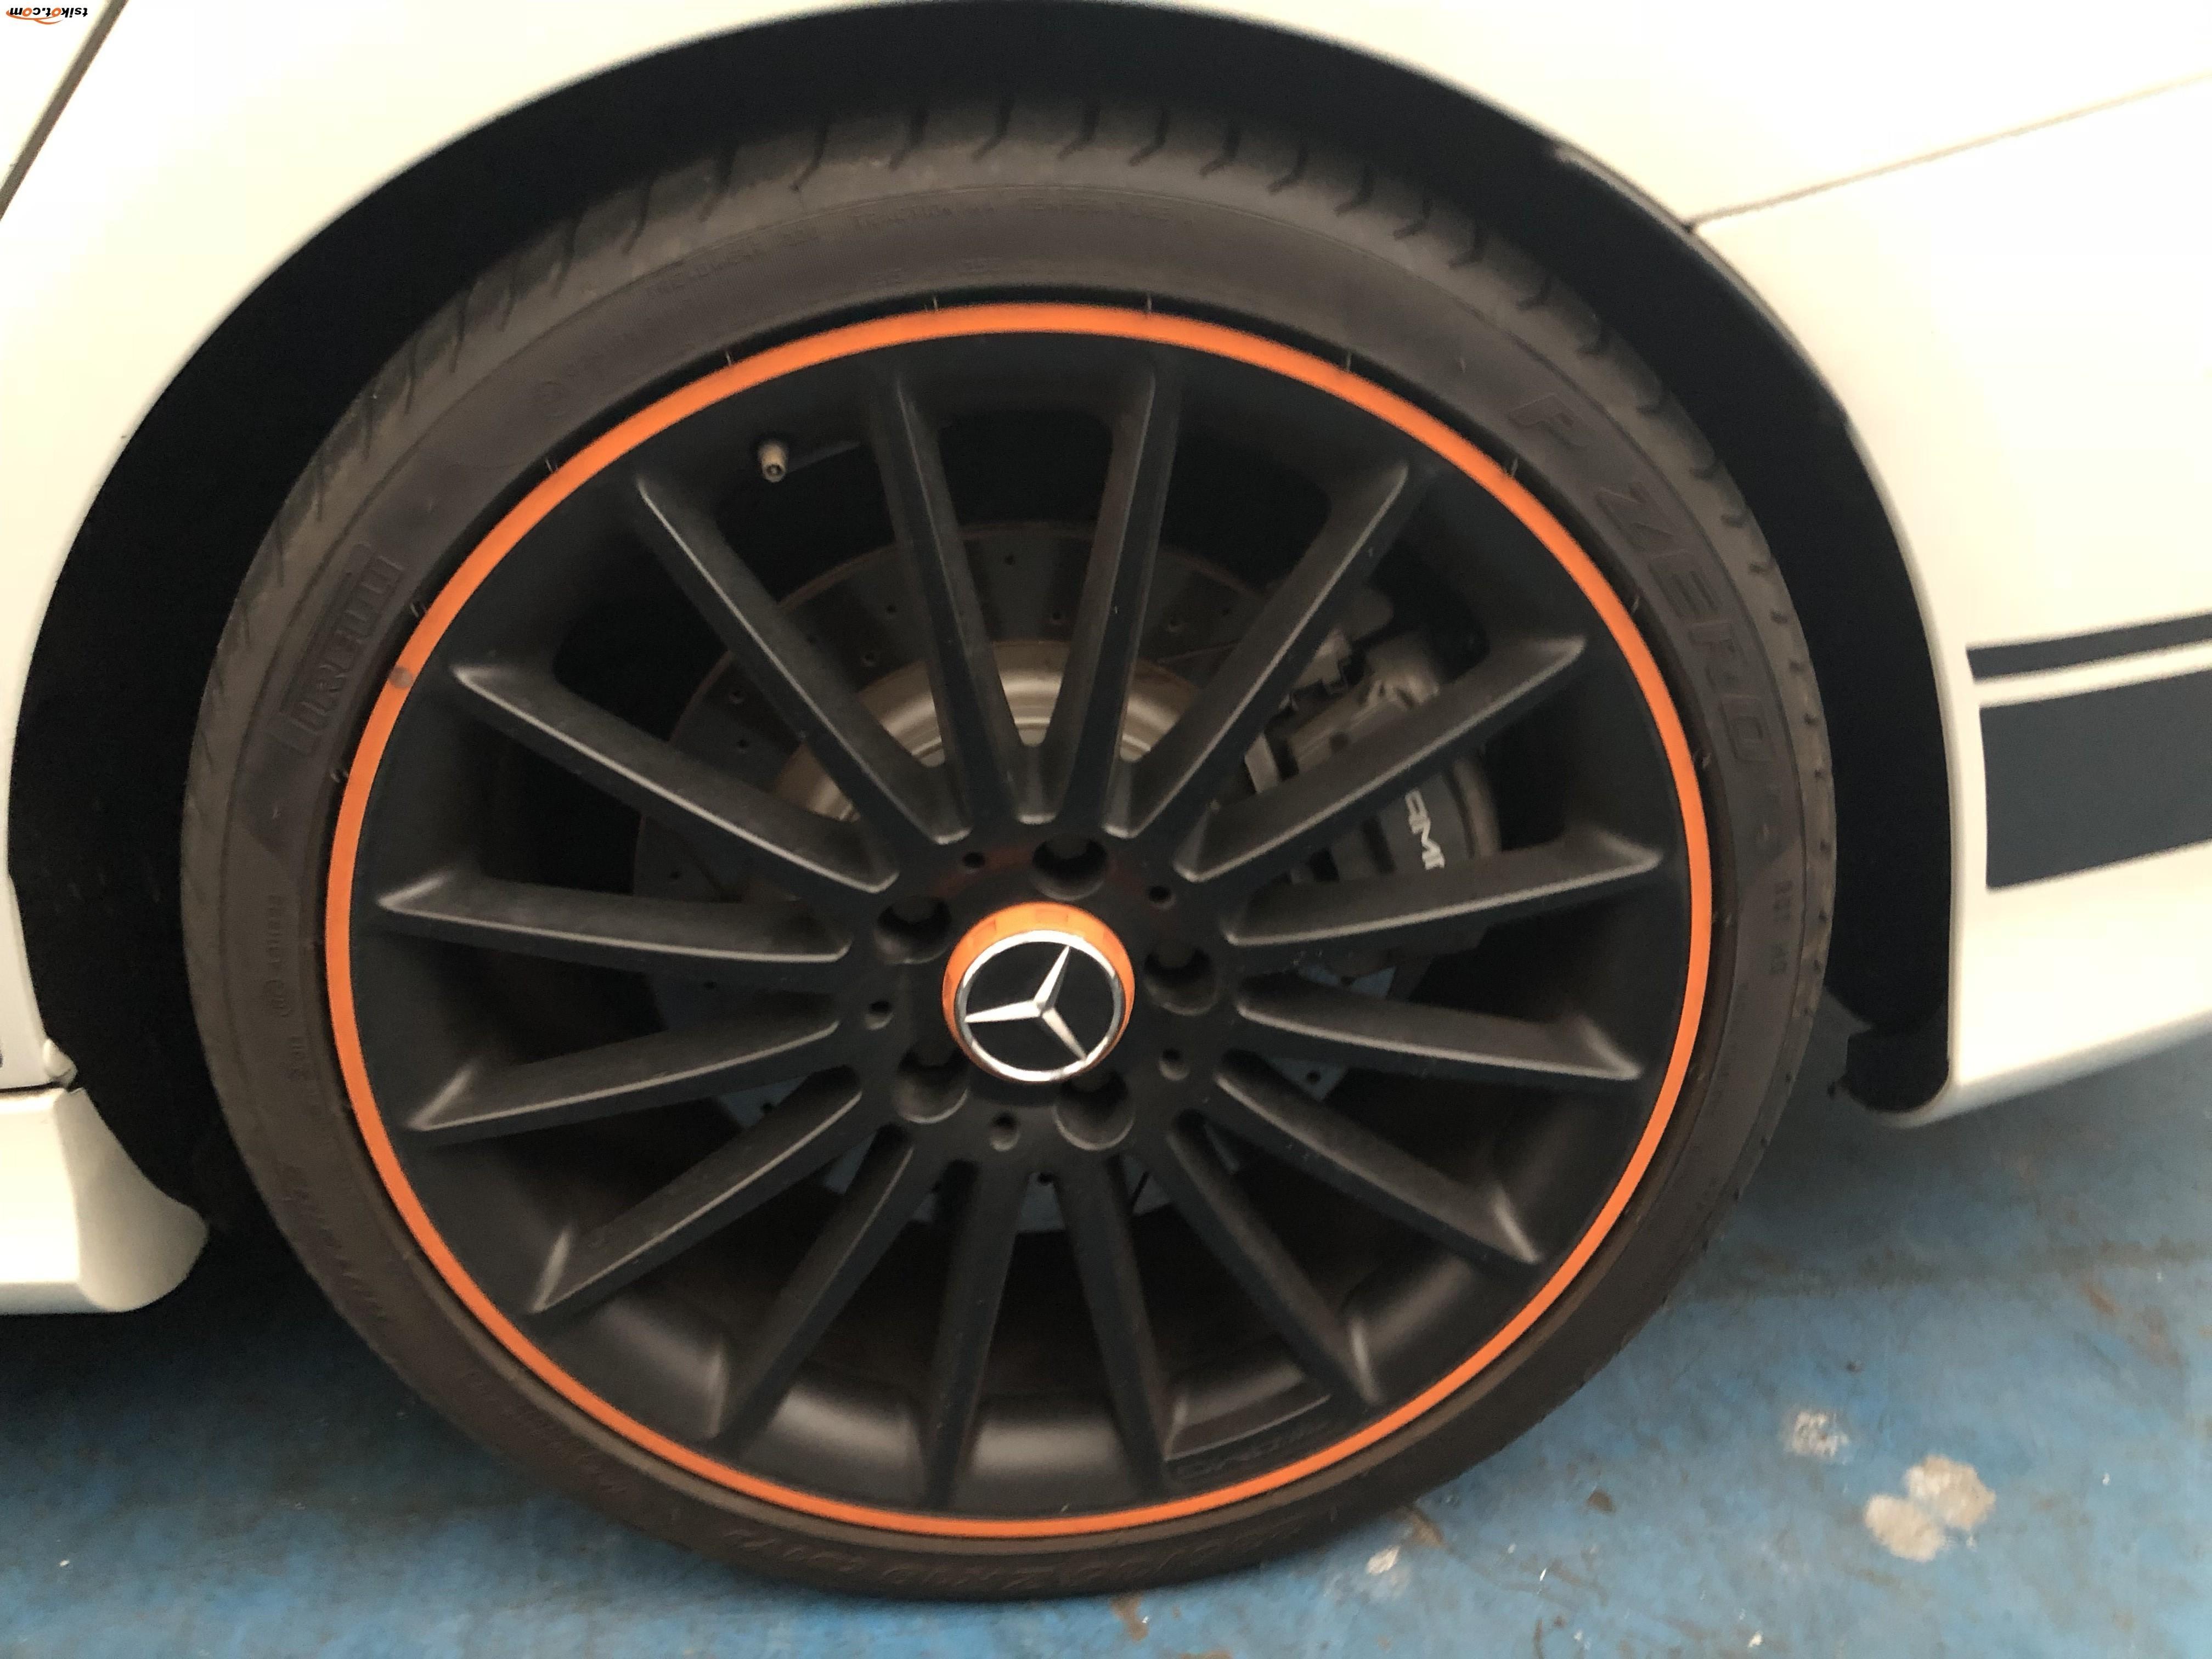 Mercedes-Benz Cla-Class 2015 - 1